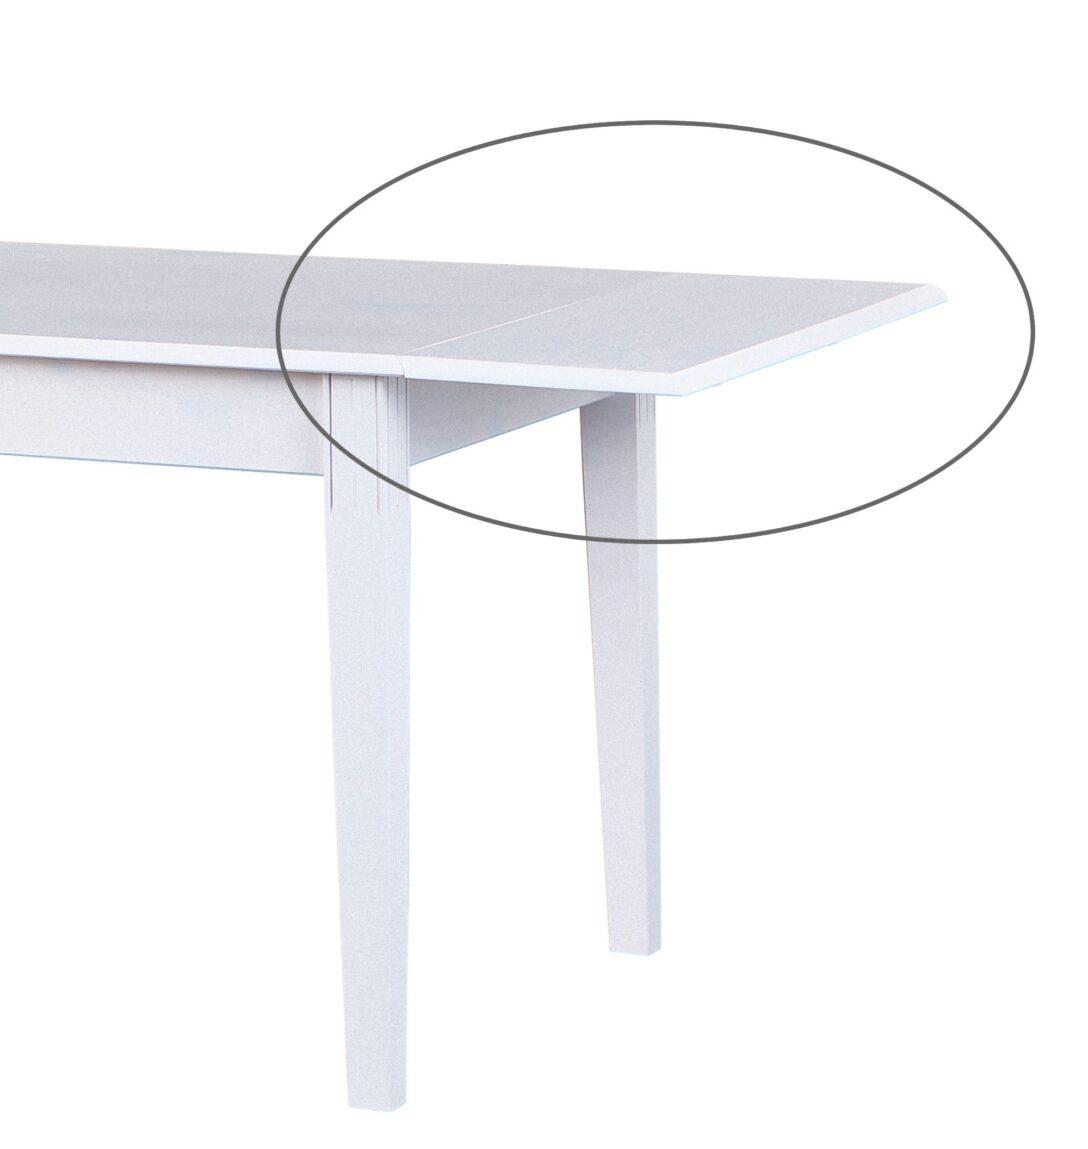 Large Size of Esstisch Oval Weiß Weiss Weißes Regal Sofa Grau Rustikal Schweißausbrüche Wechseljahre Eiche Esstische Shabby 2m Kaufen Modern Ausziehbar 120x80 Glas Esstische Esstisch Oval Weiß